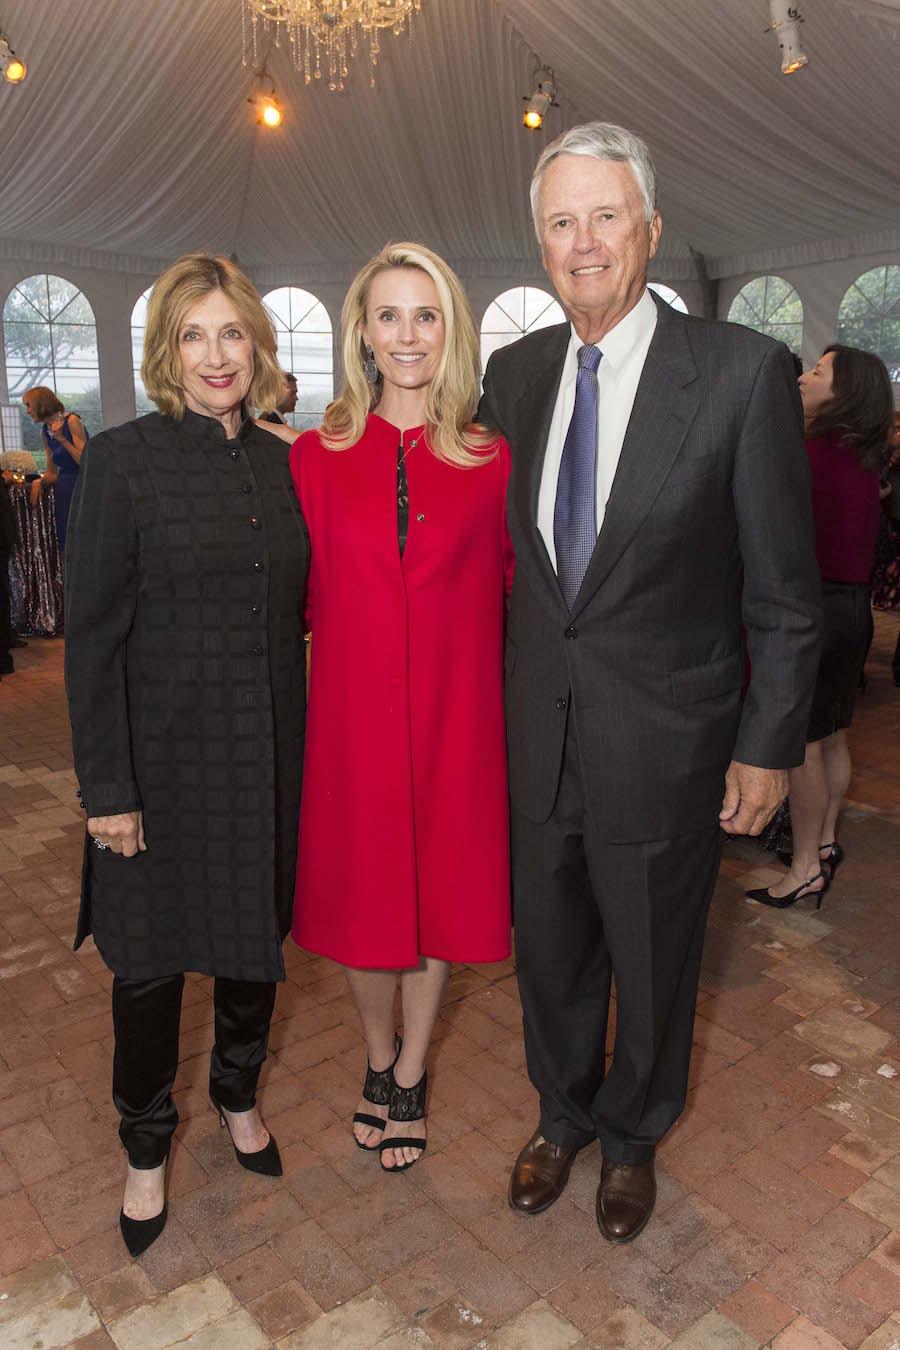 Judy Siebel, Jennifer Siebel Newsom and Ken Siebel